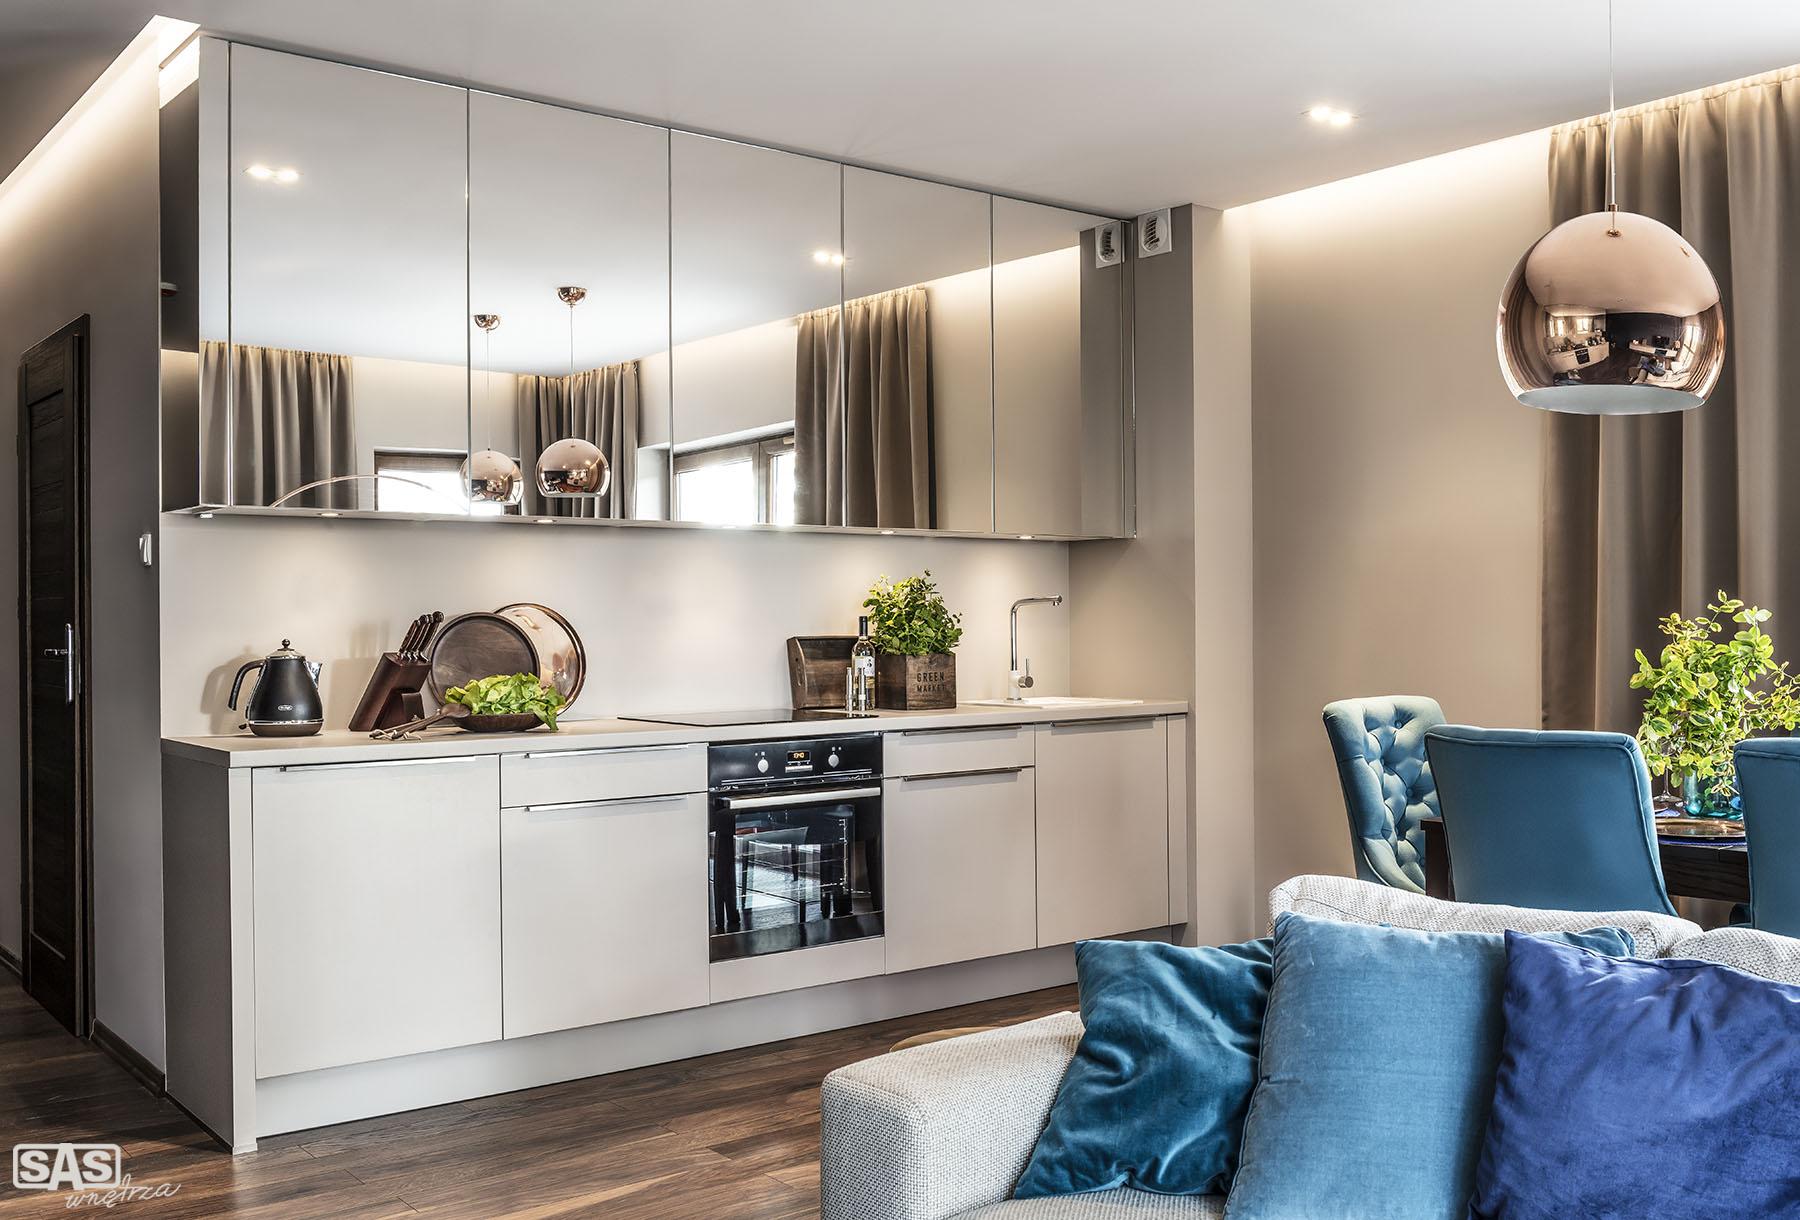 Meble kuchenne Sand w kuchni otwartej na salon i część wypoczynkową - meble kuchenne w ofercie SAS Wnętrza i Kuchnia, projekt architekt wnętrz Emilia Strzempek Plasun.